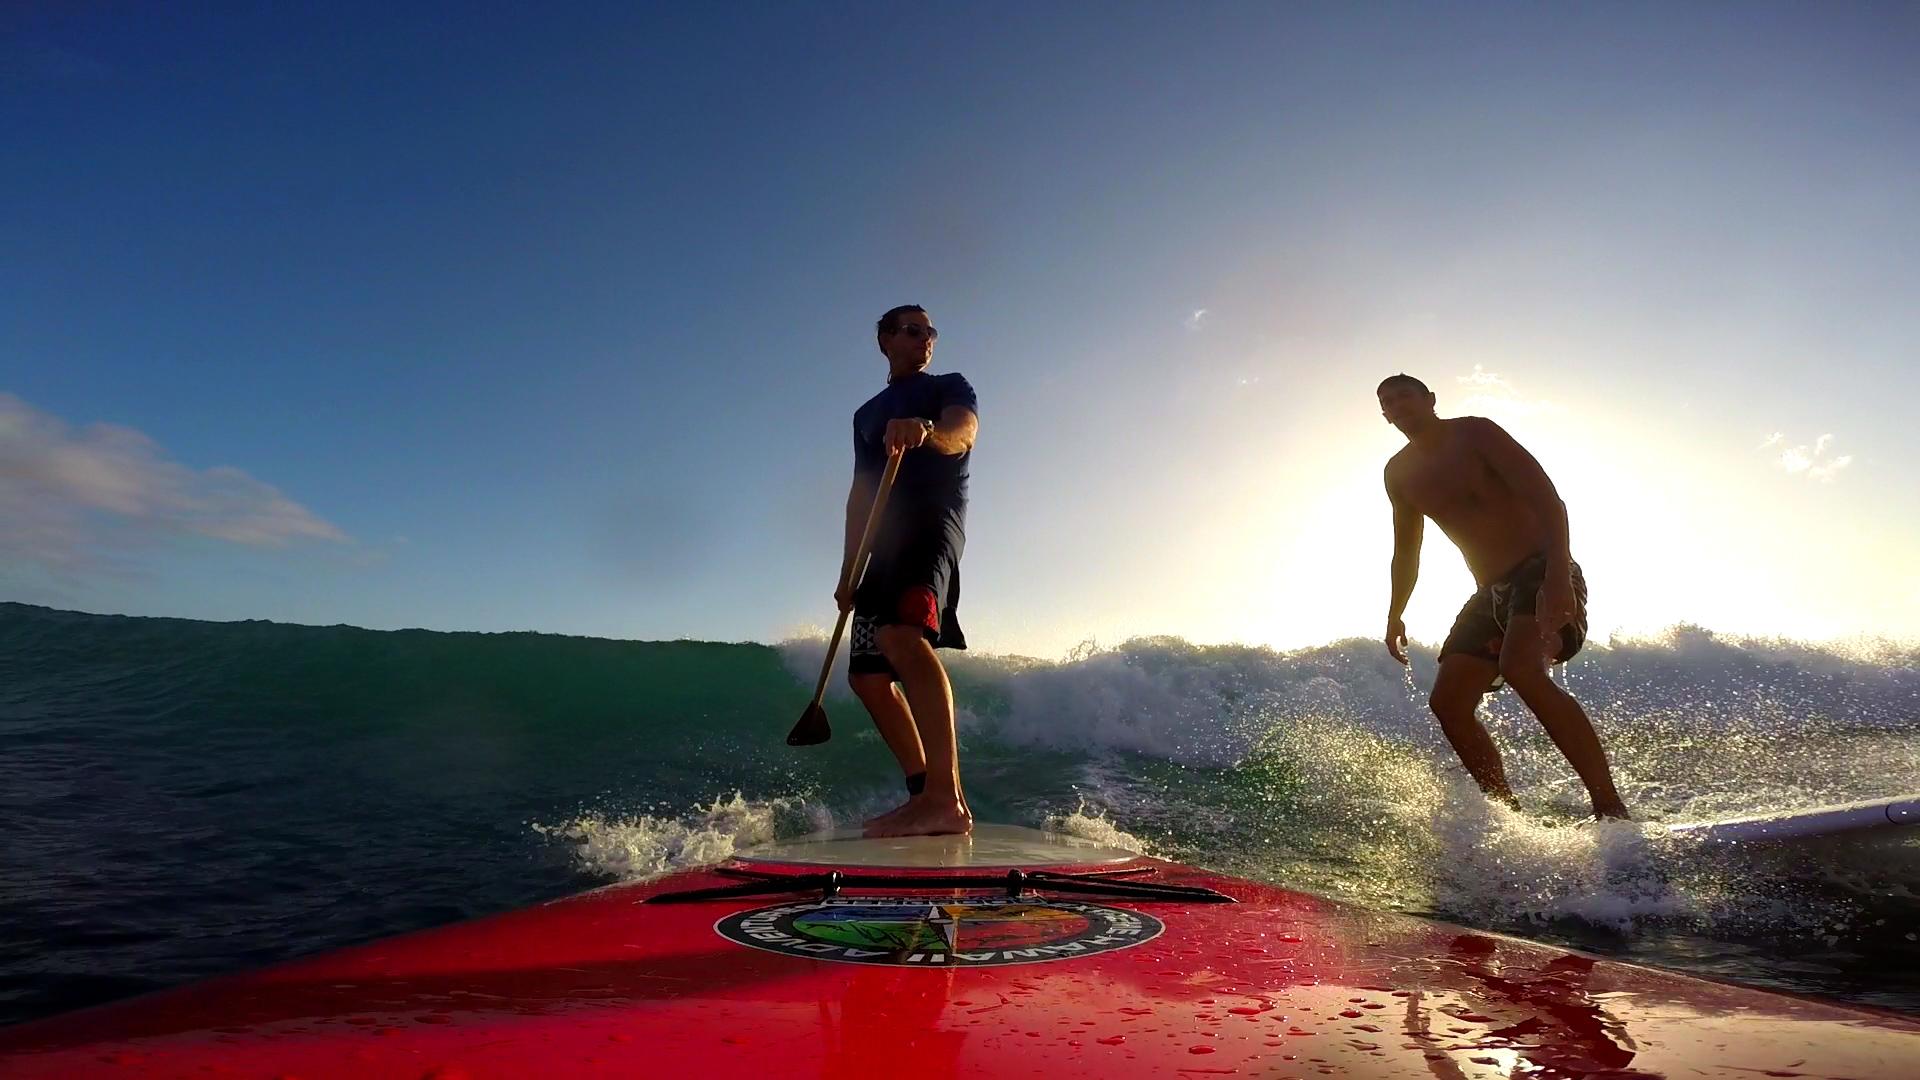 Surf 3-26-15.Still015.jpg